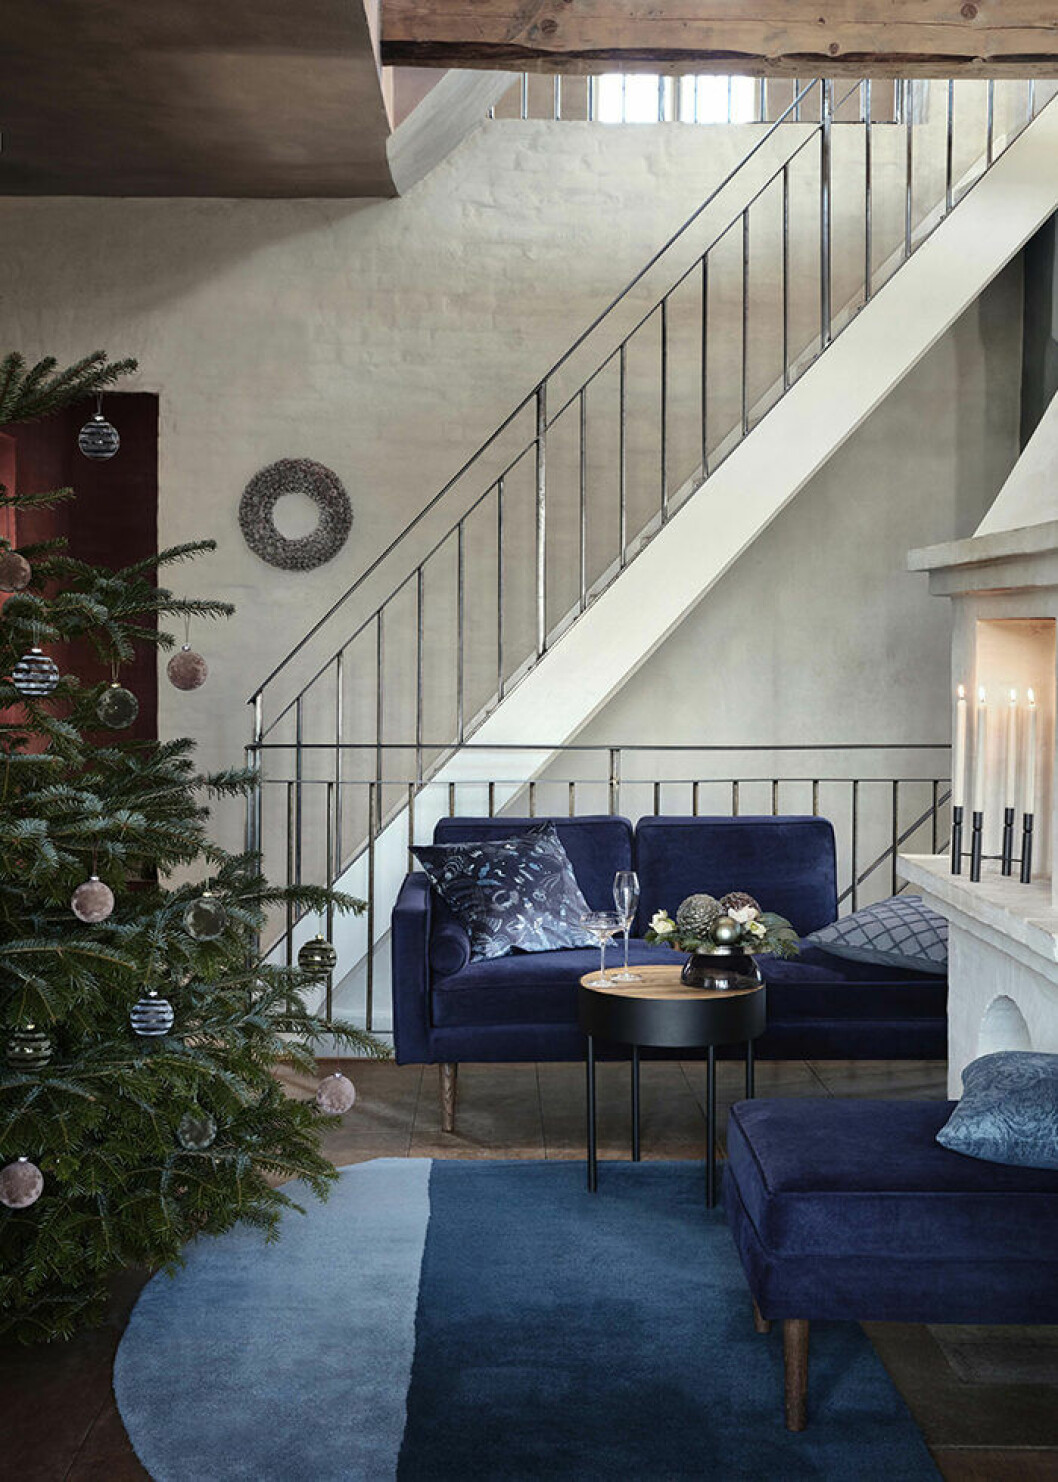 Väl valda detaljer skapar julstämning hos Broste Copenhagen julen 2019